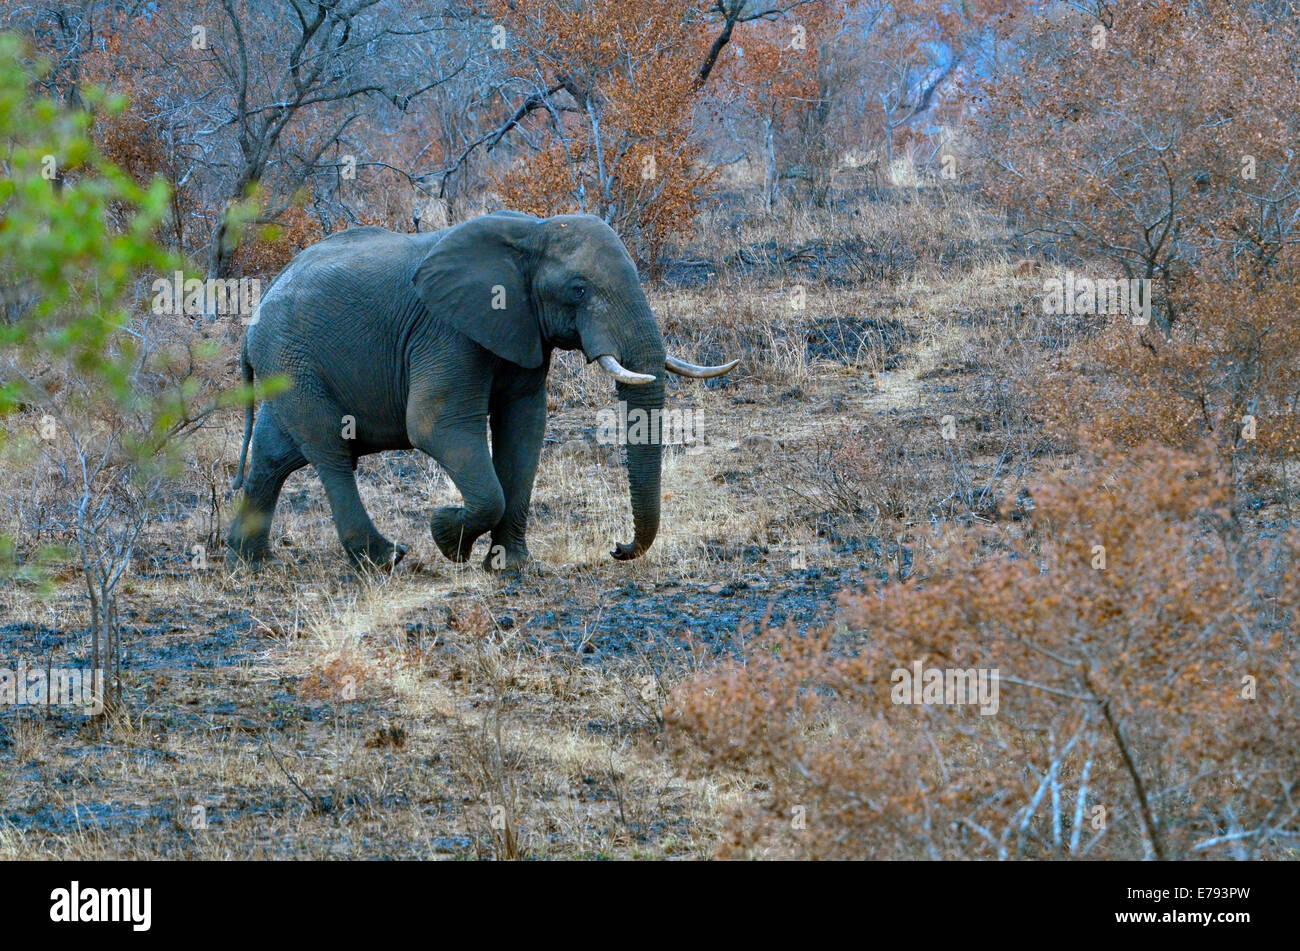 L'éléphant africain de marcher à travers la savane brûlée en chemin jeu avec des feuilles Photo Stock